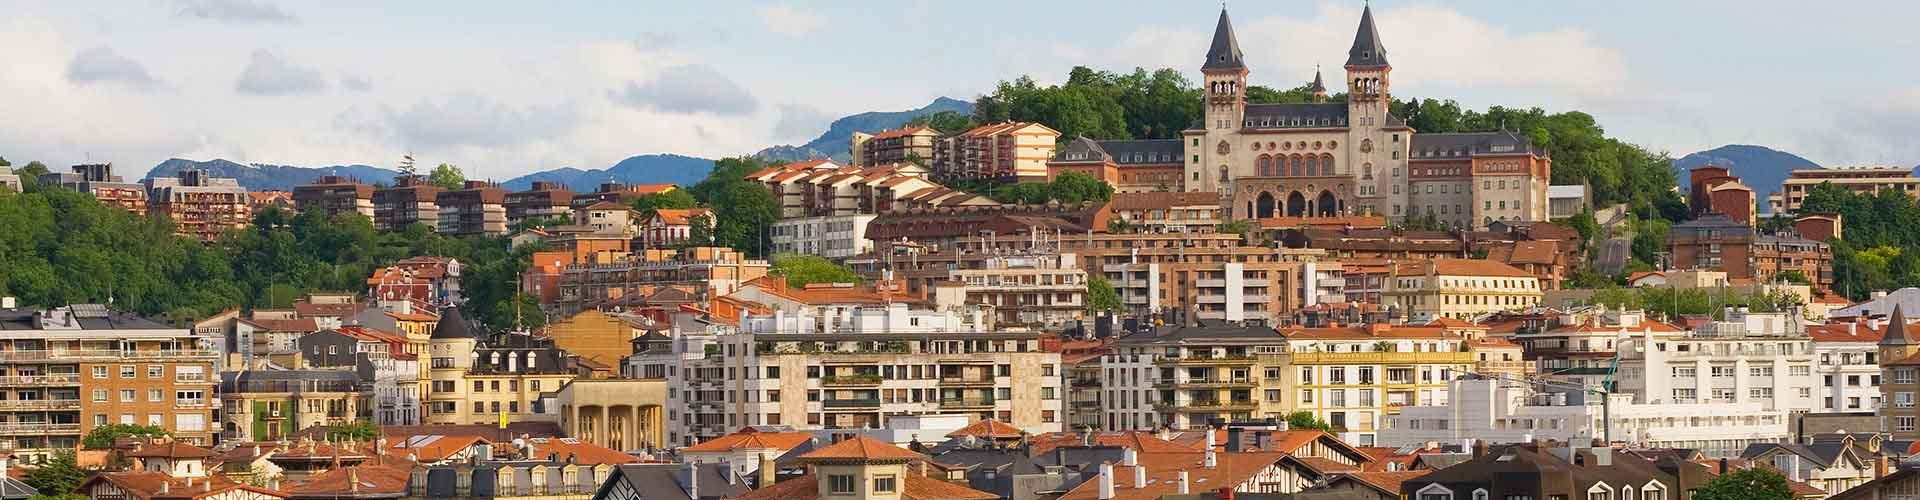 San Sebastian - Hôtels à San Sebastian. Cartes pour San Sebastian, photos et commentaires pour chaque hôtel à San Sebastian.